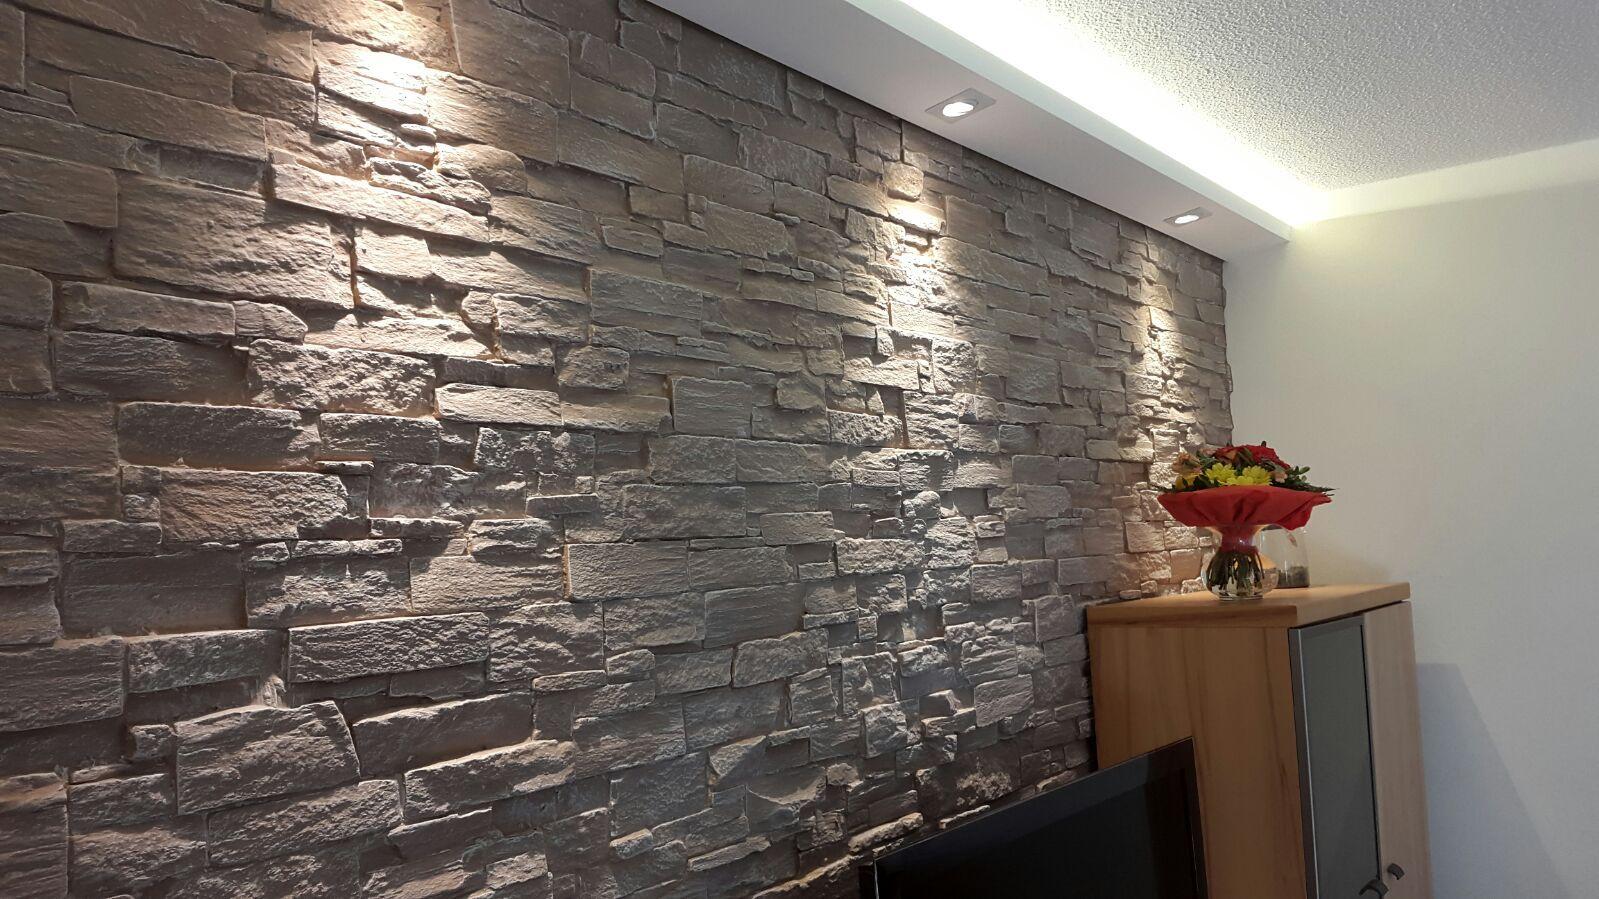 steinwand in wohnzimmer 2 w nde pinterest steinwand wohnzimmer und fernsehzimmer. Black Bedroom Furniture Sets. Home Design Ideas